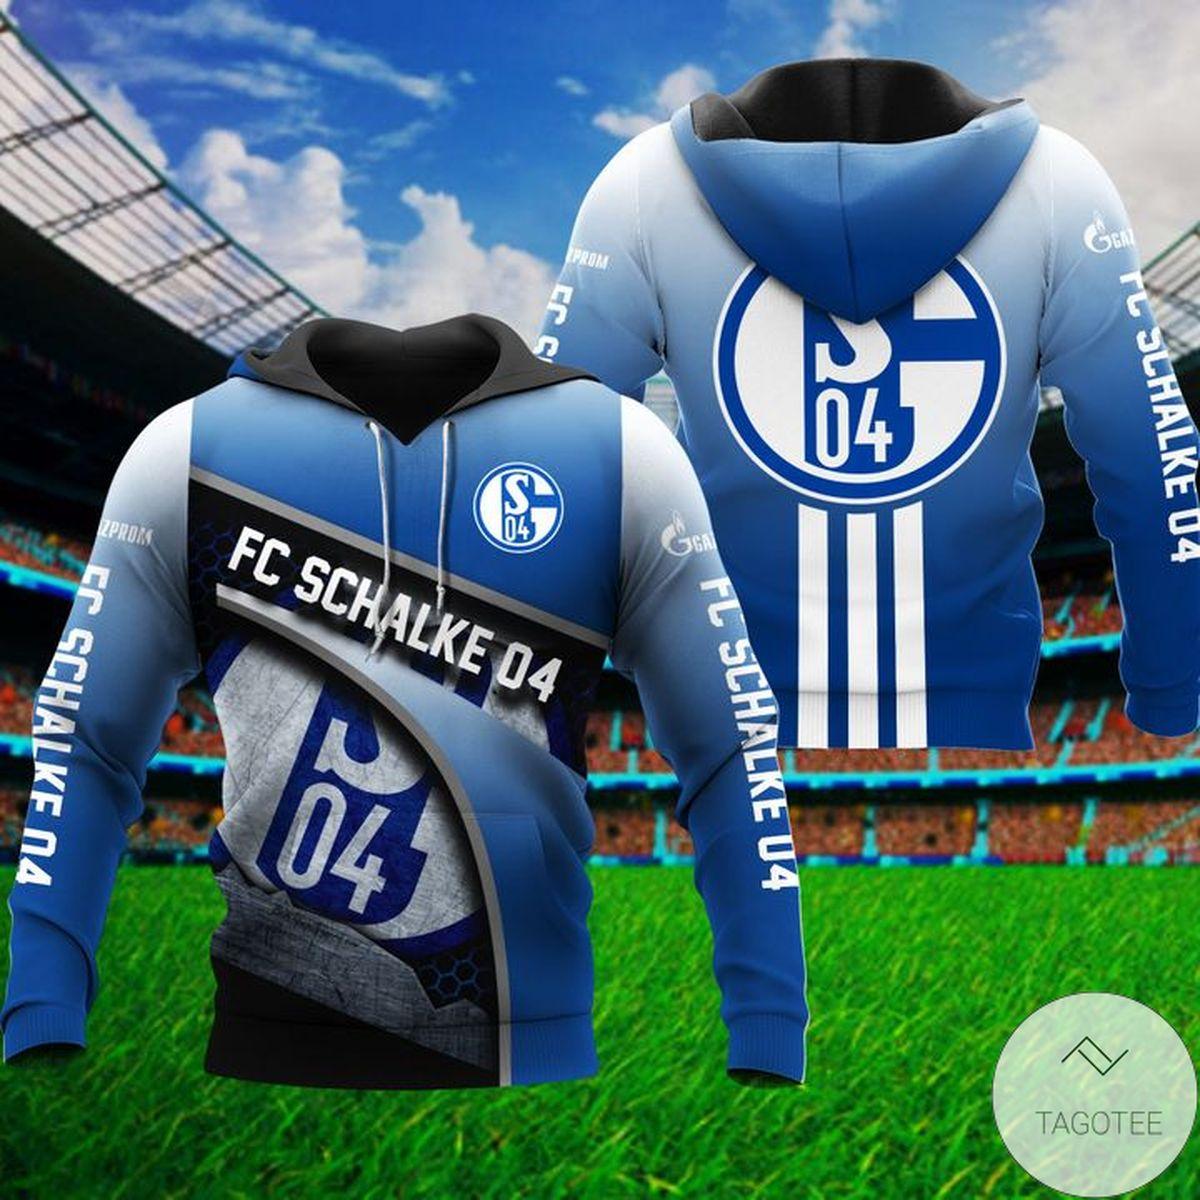 New S04 Fc Schalke 04 Hoodie